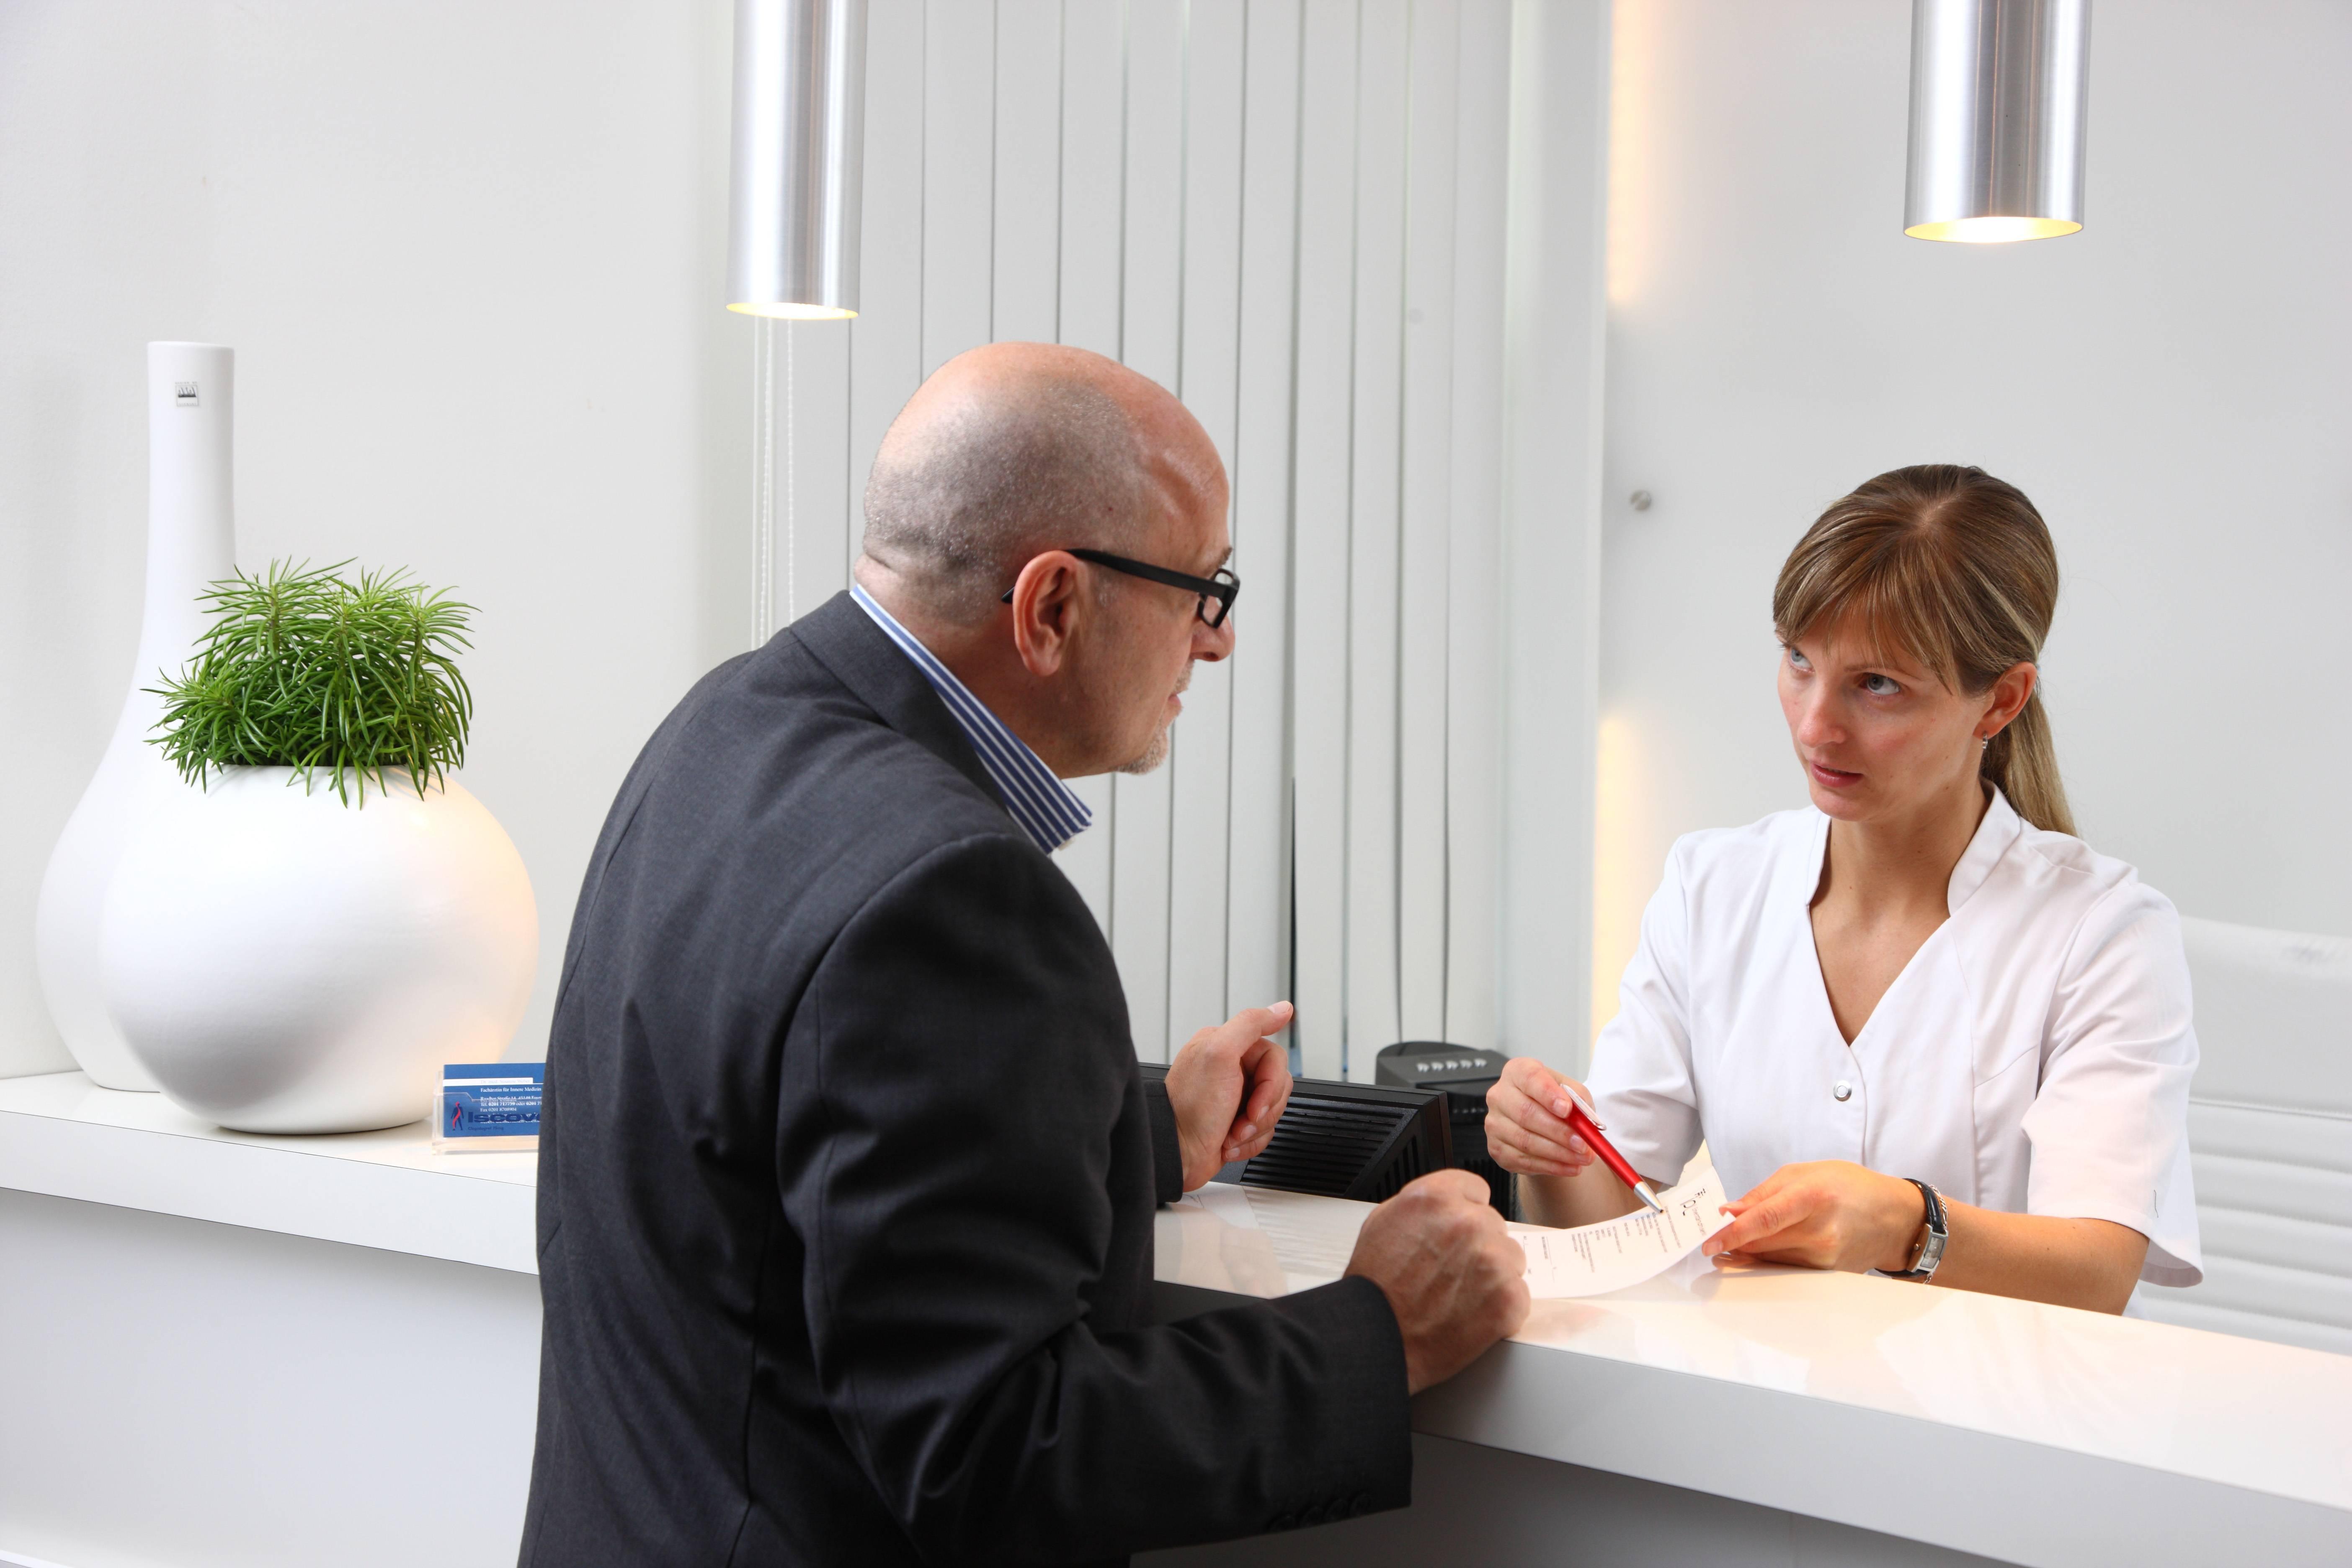 Обучение в немецком университете на медицинском факультете. как поступить в universität - studyinfocus